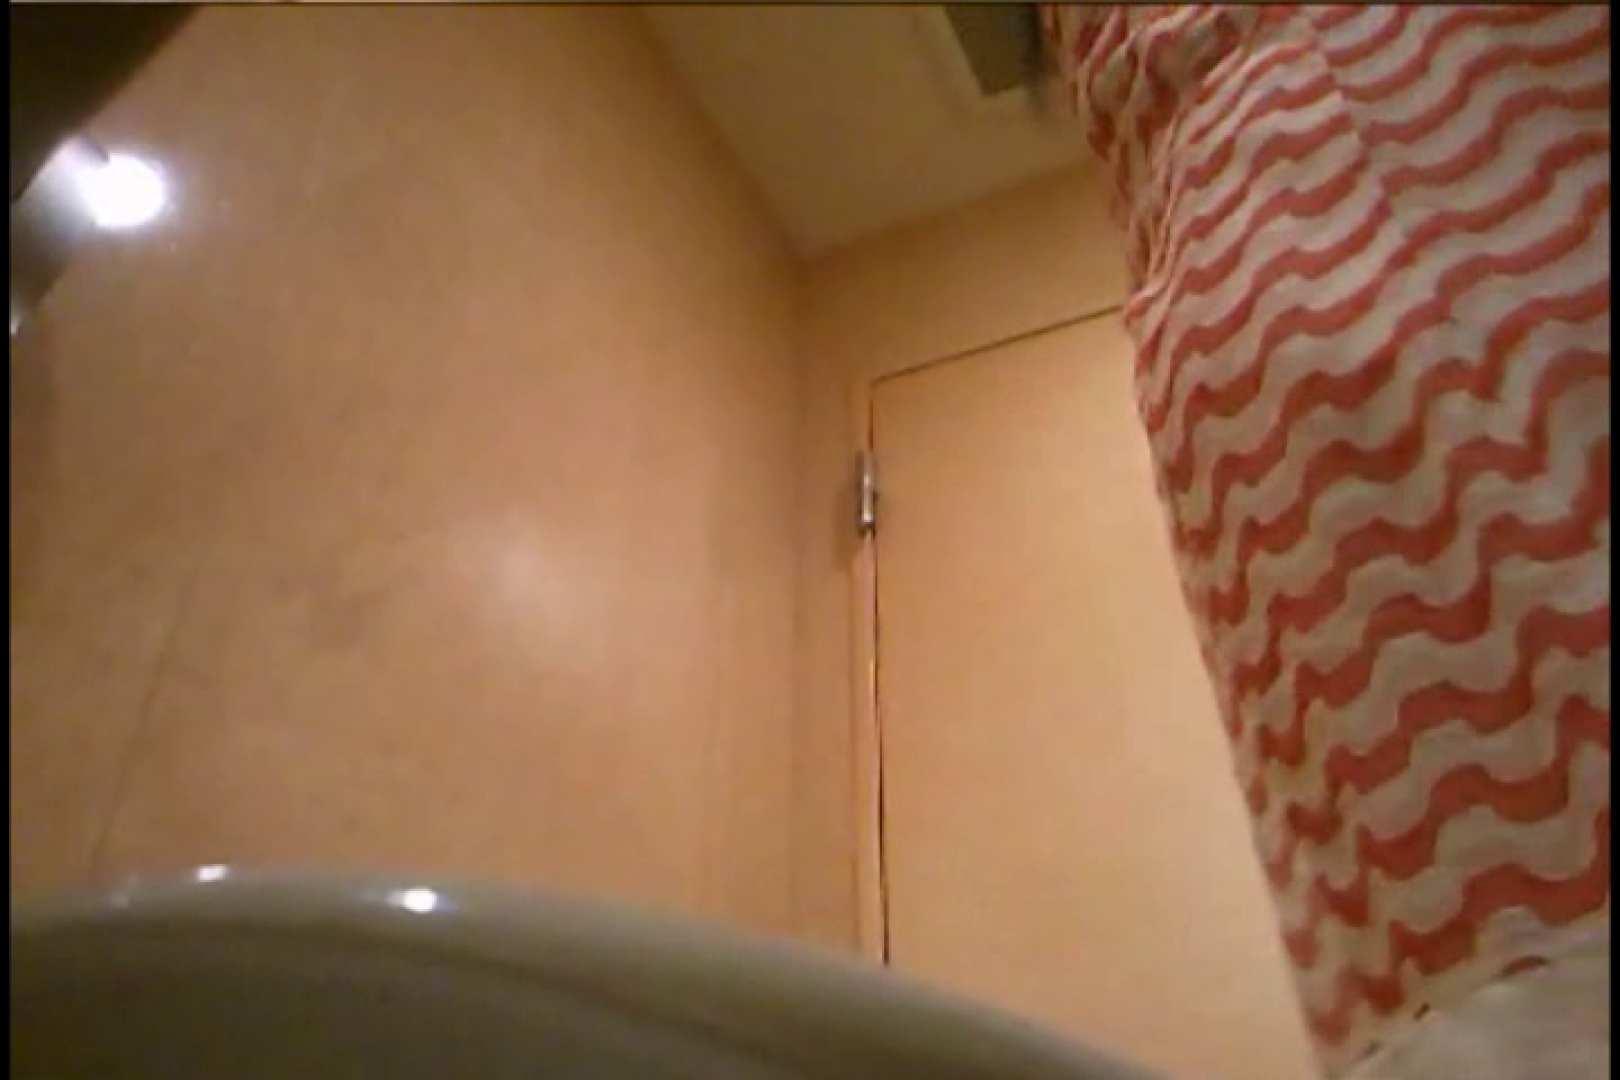 潜入!!女子化粧室盗撮~絶対見られたくない時間~vo,119 エロいお姉さん AV動画キャプチャ 9枚 7